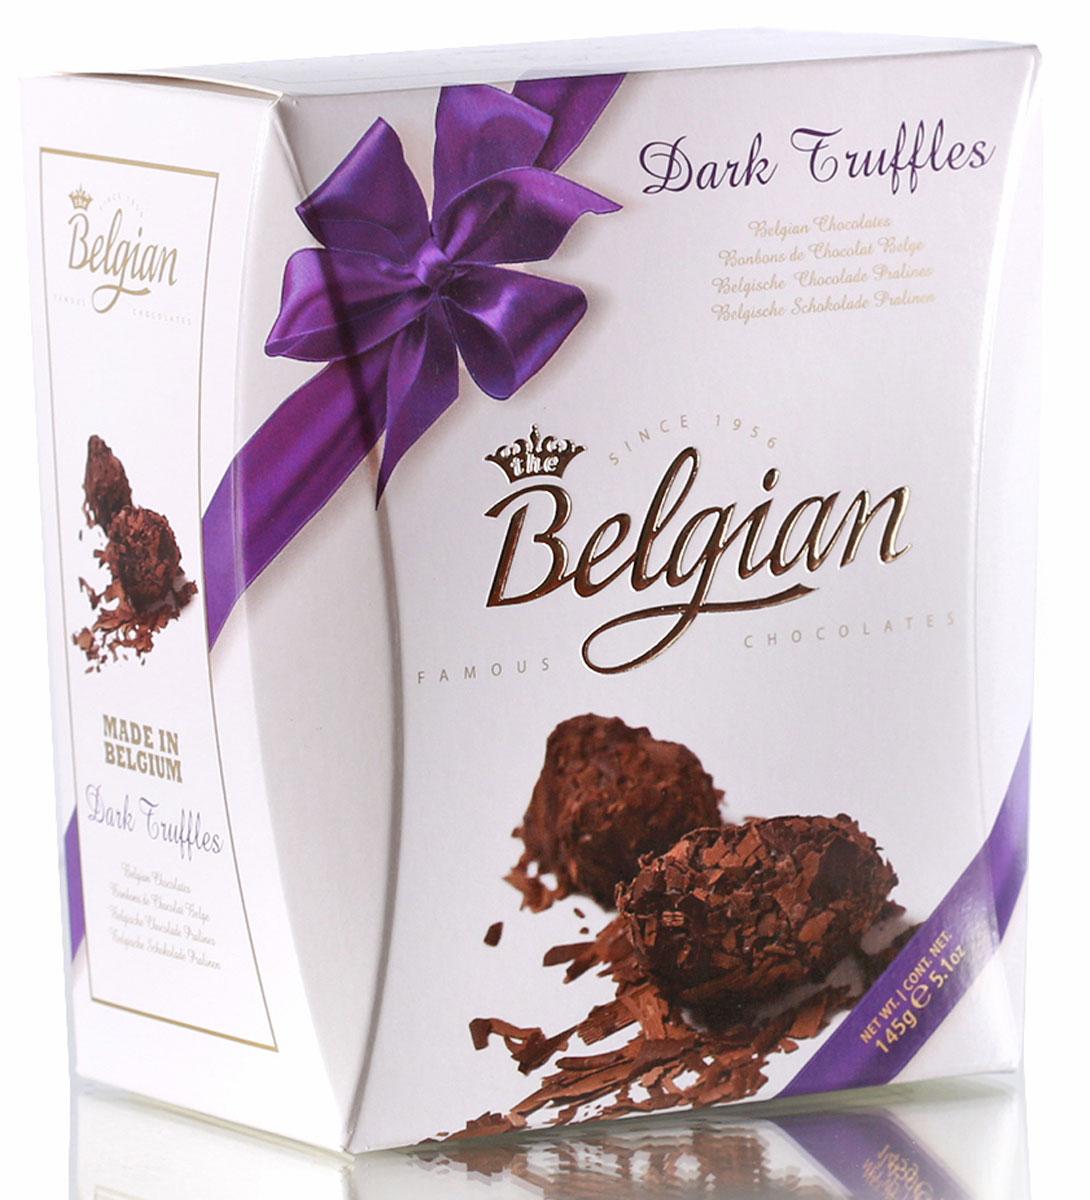 The Belgian Трюфели из горького шоколада в хлопьях, 145 г7.37.06Конфеты демонстрируют насыщенный горьковато-сладкий вкус темного шоколада. Трюфели составят великолепное сочетание с кофе, капучино и чаем. Они прекрасно дополнят вкус красных сухих вин и портвейна, деликатно подчеркнут достоинства коньяка, арманьяка и бренди.